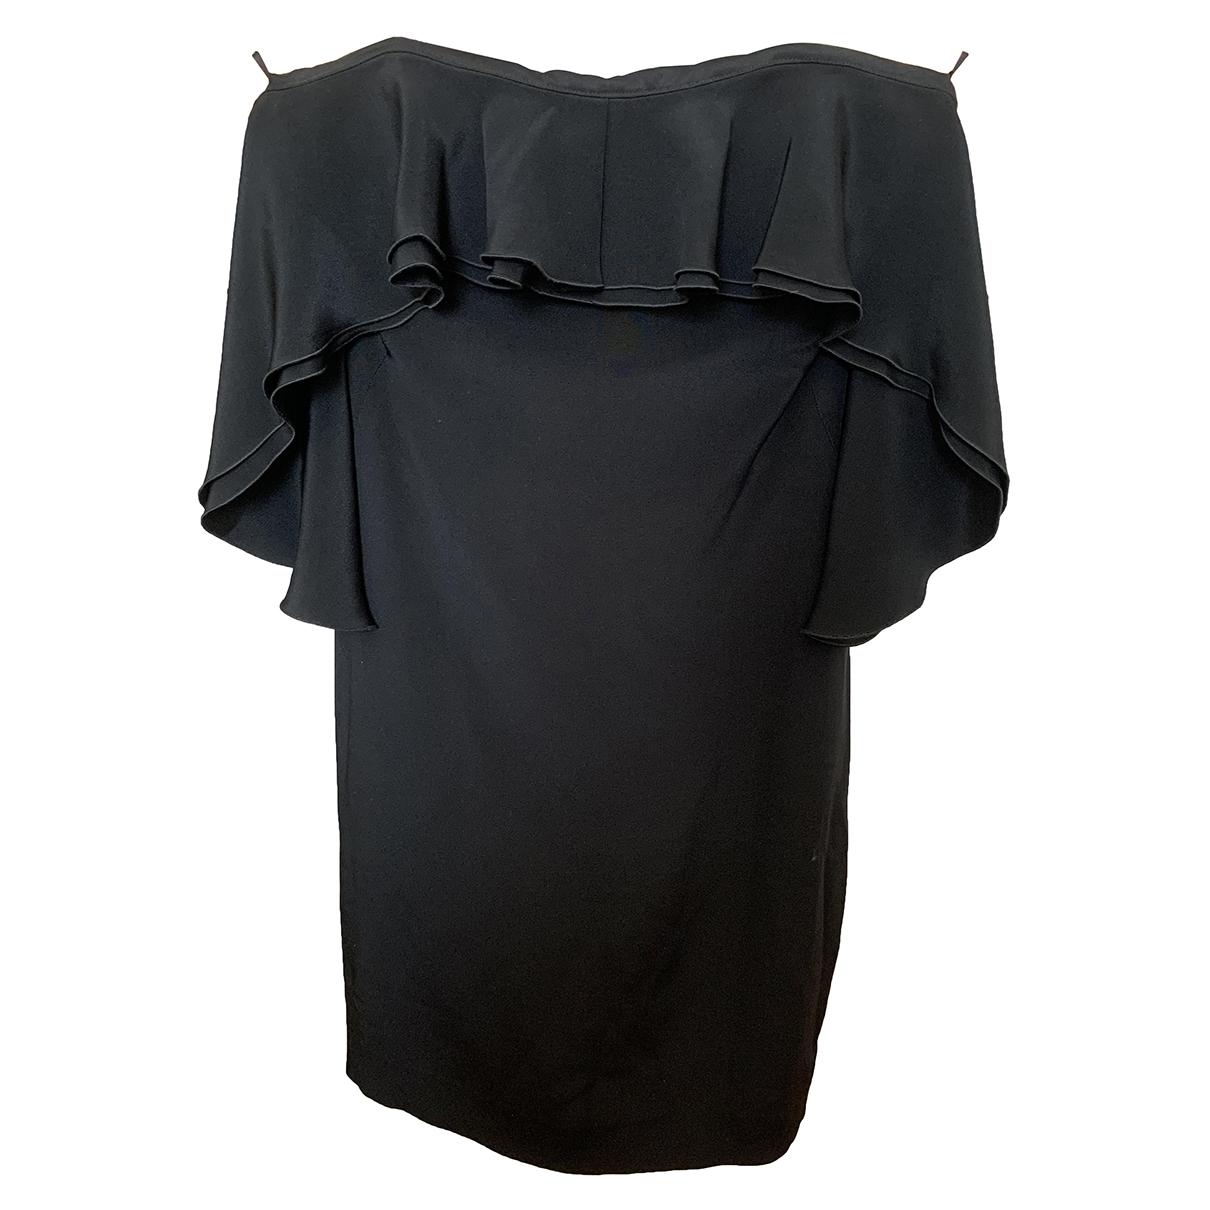 Paul & Joe \N Black Silk dress for Women 36 FR